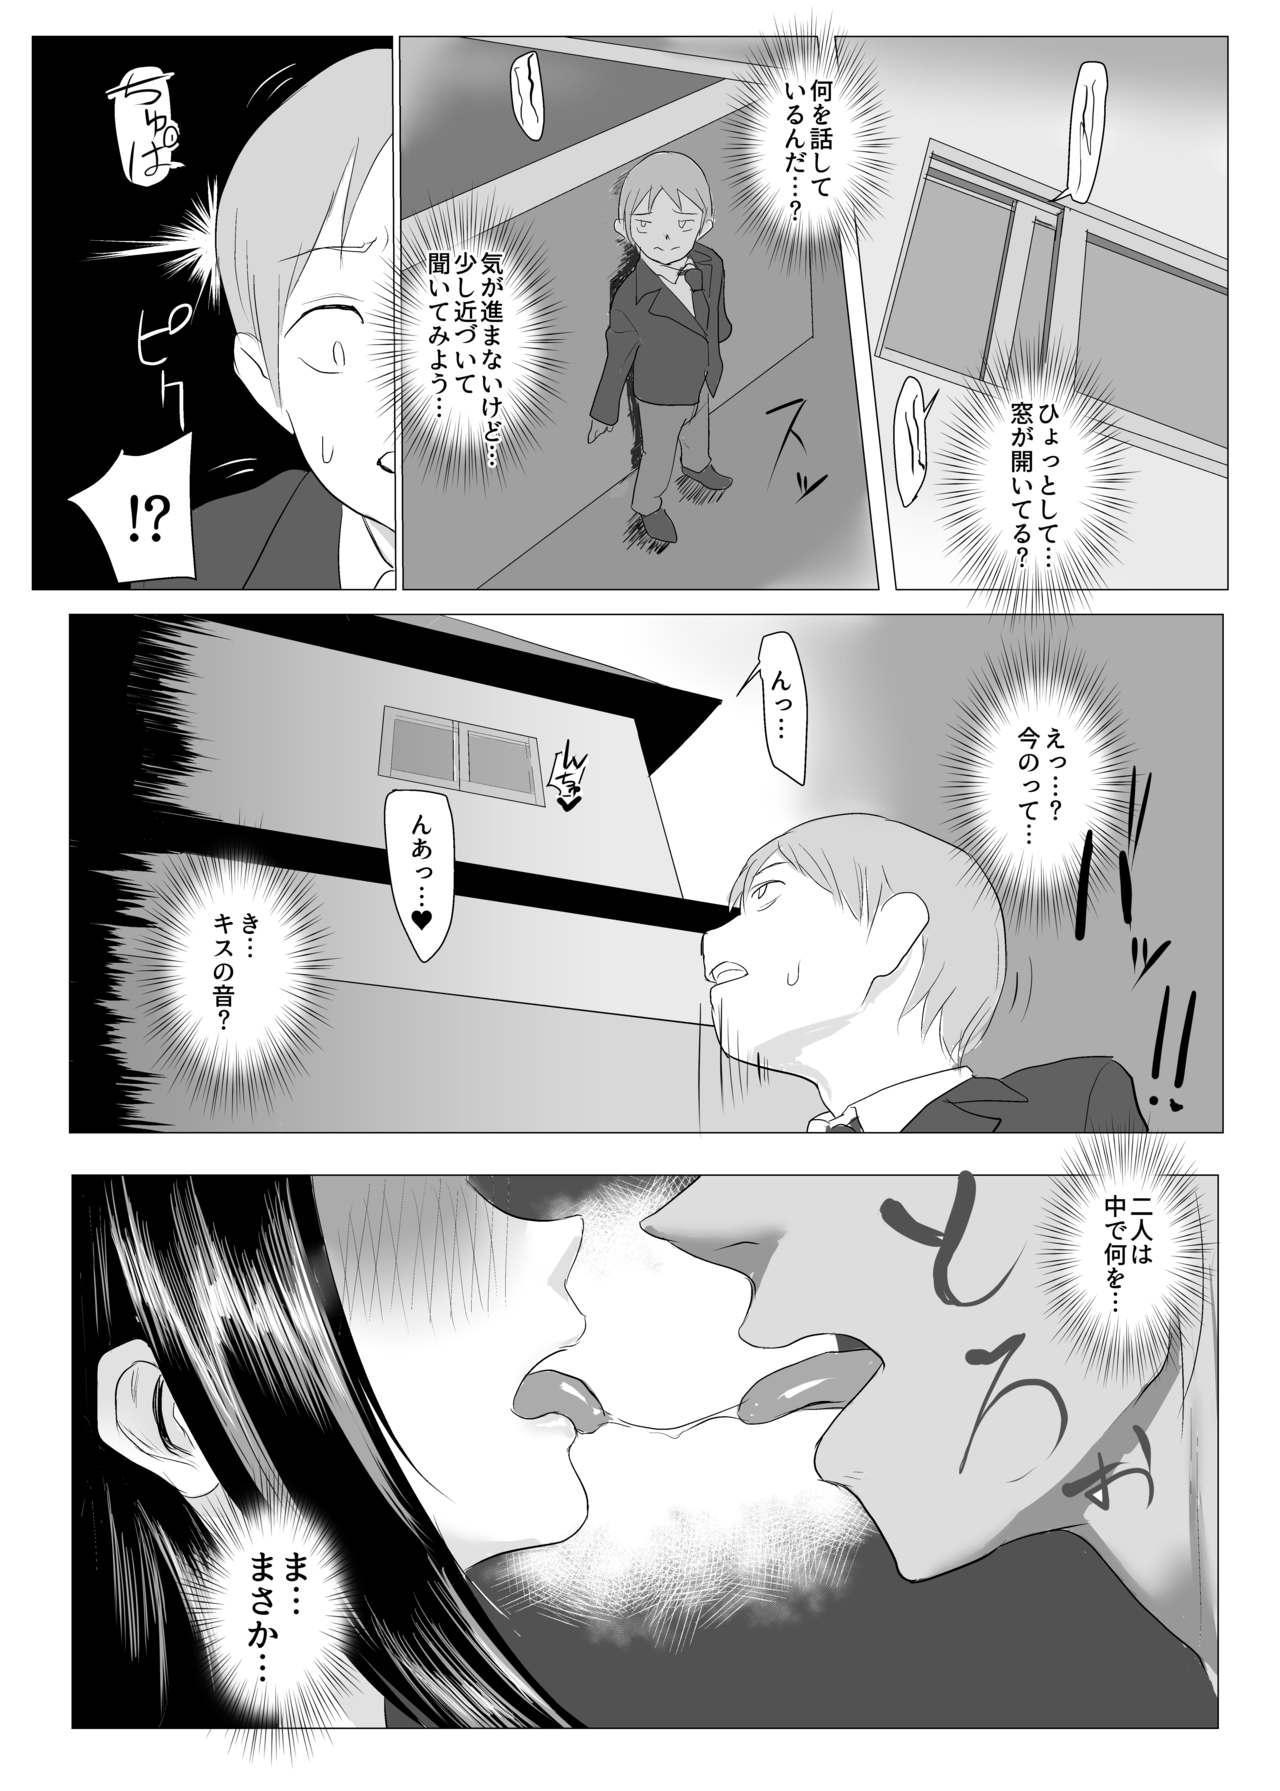 Houkago Netorare Seishidou - Boku no Kanojo wa Aitsu no Nikubenki 5